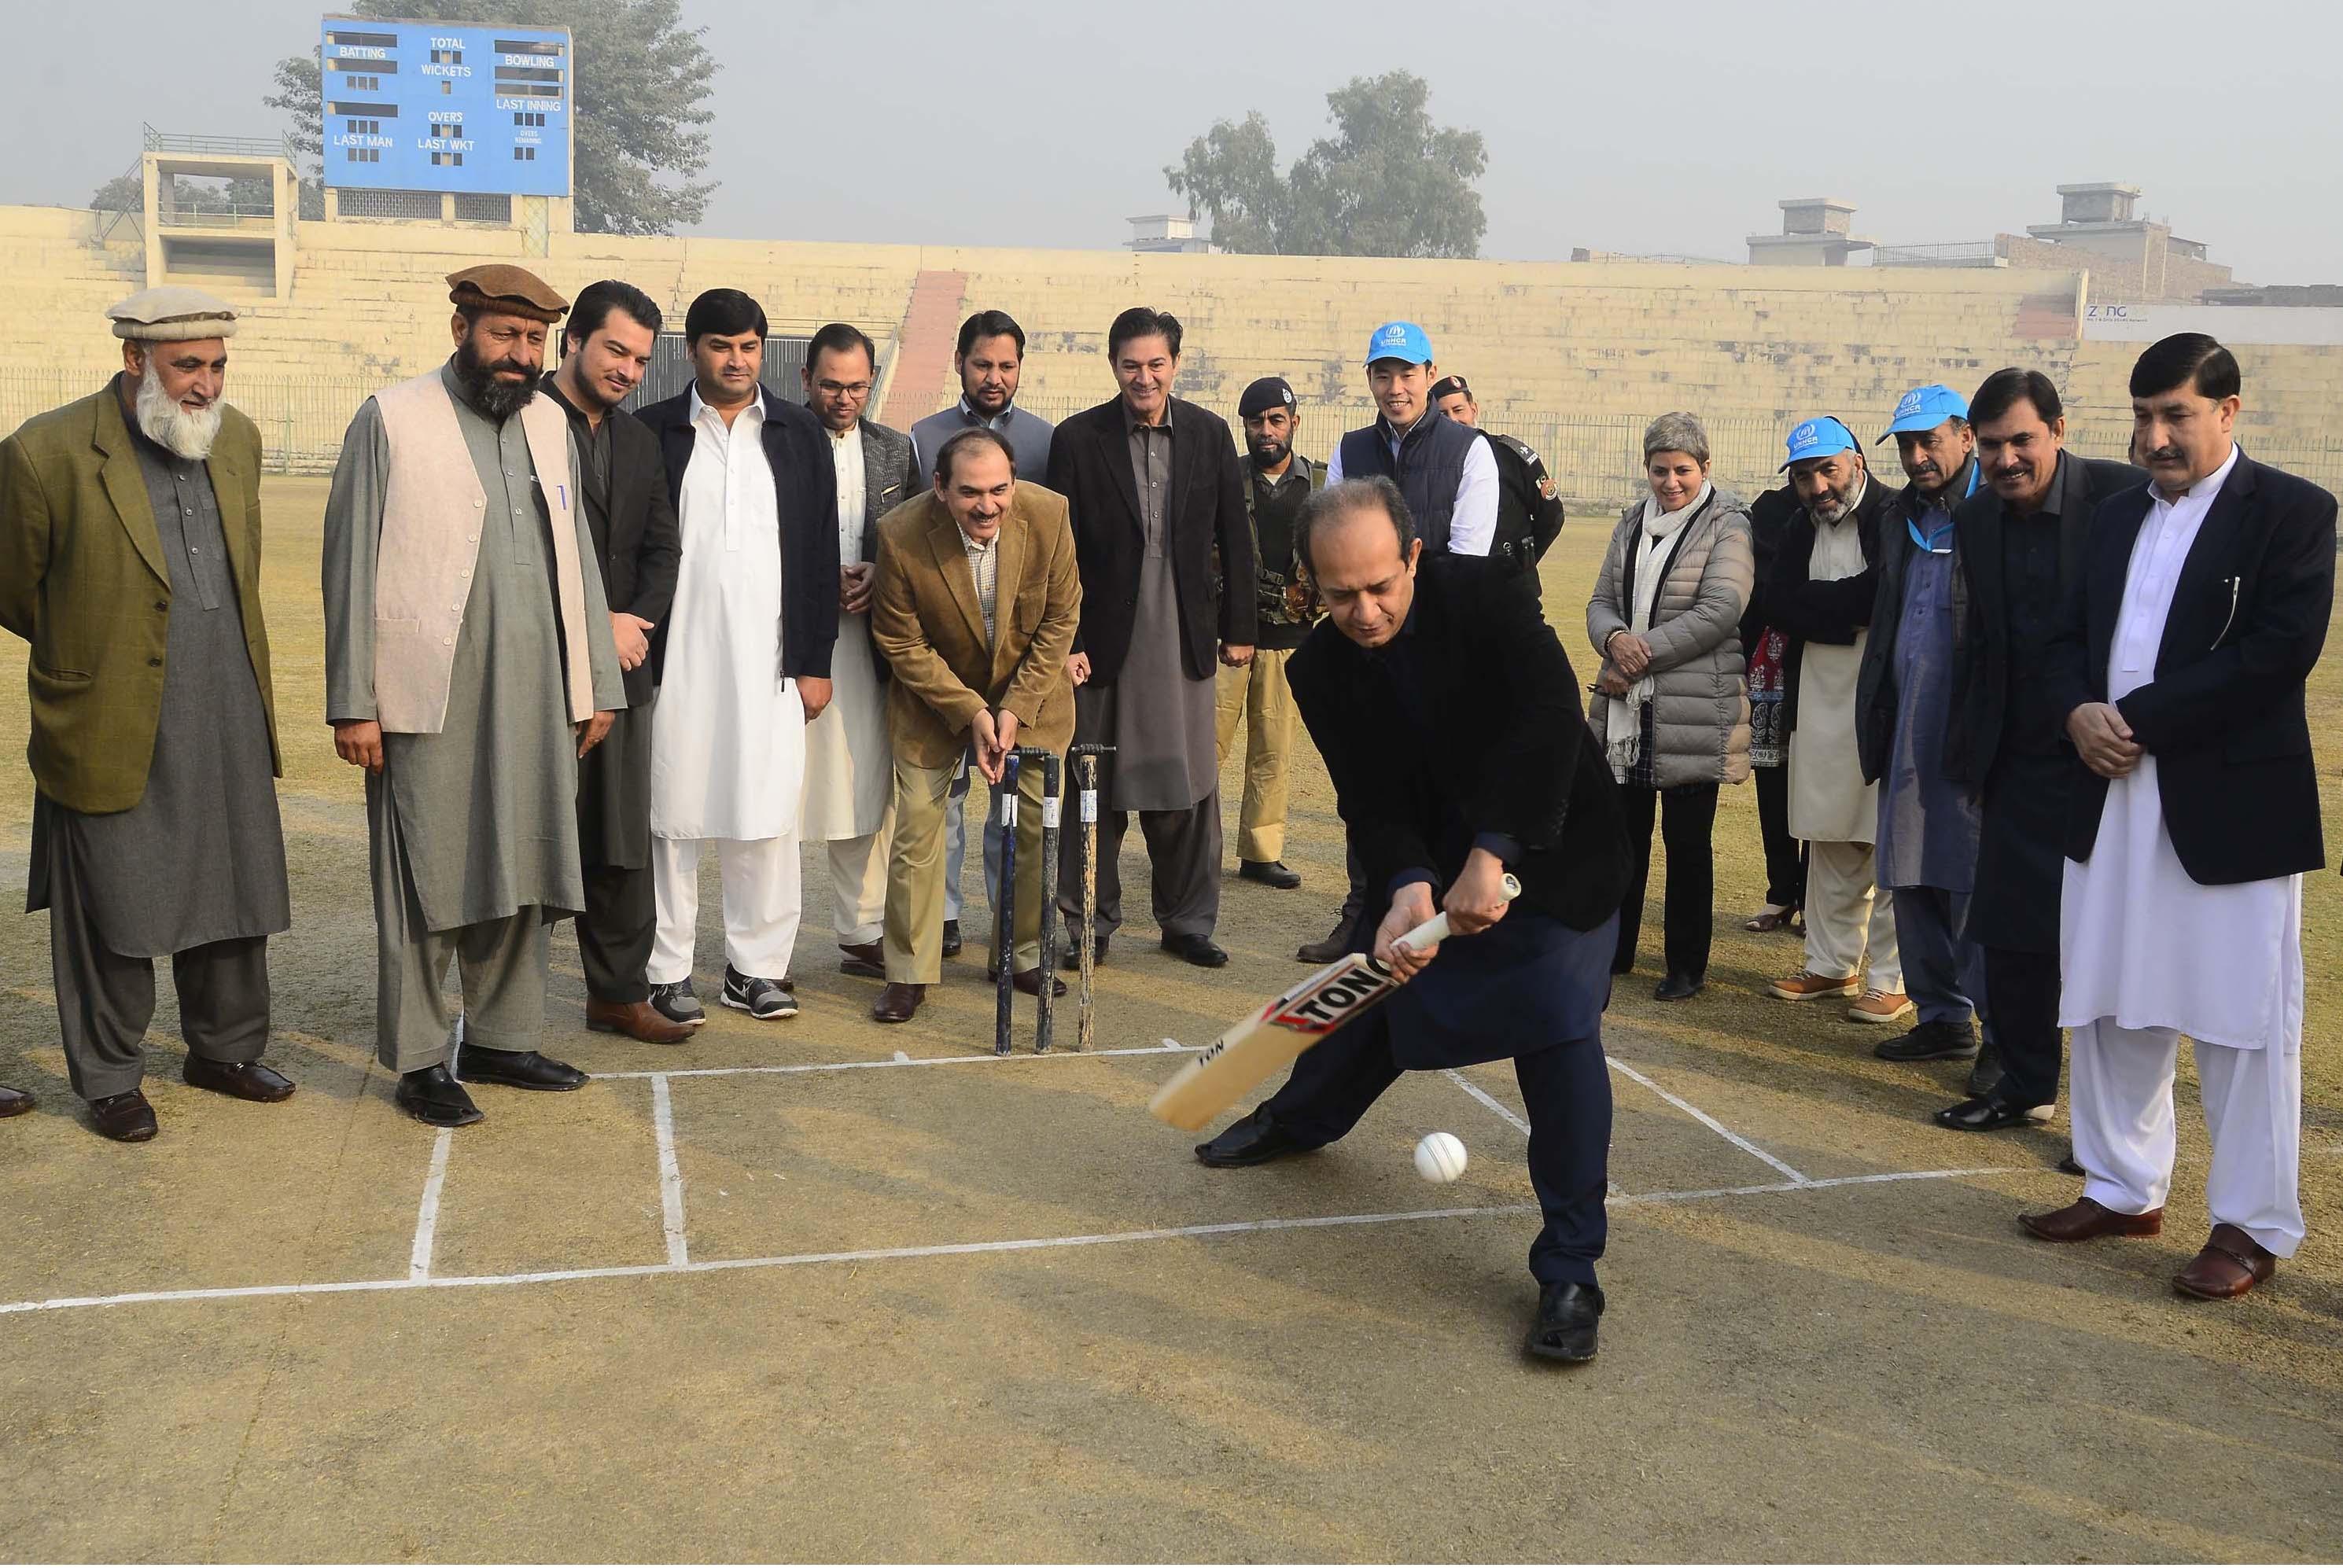 نئی پشاور کرکٹ لیگ سے افغان مہاجرین کی حوصلہ افزائی ہوئی ہے